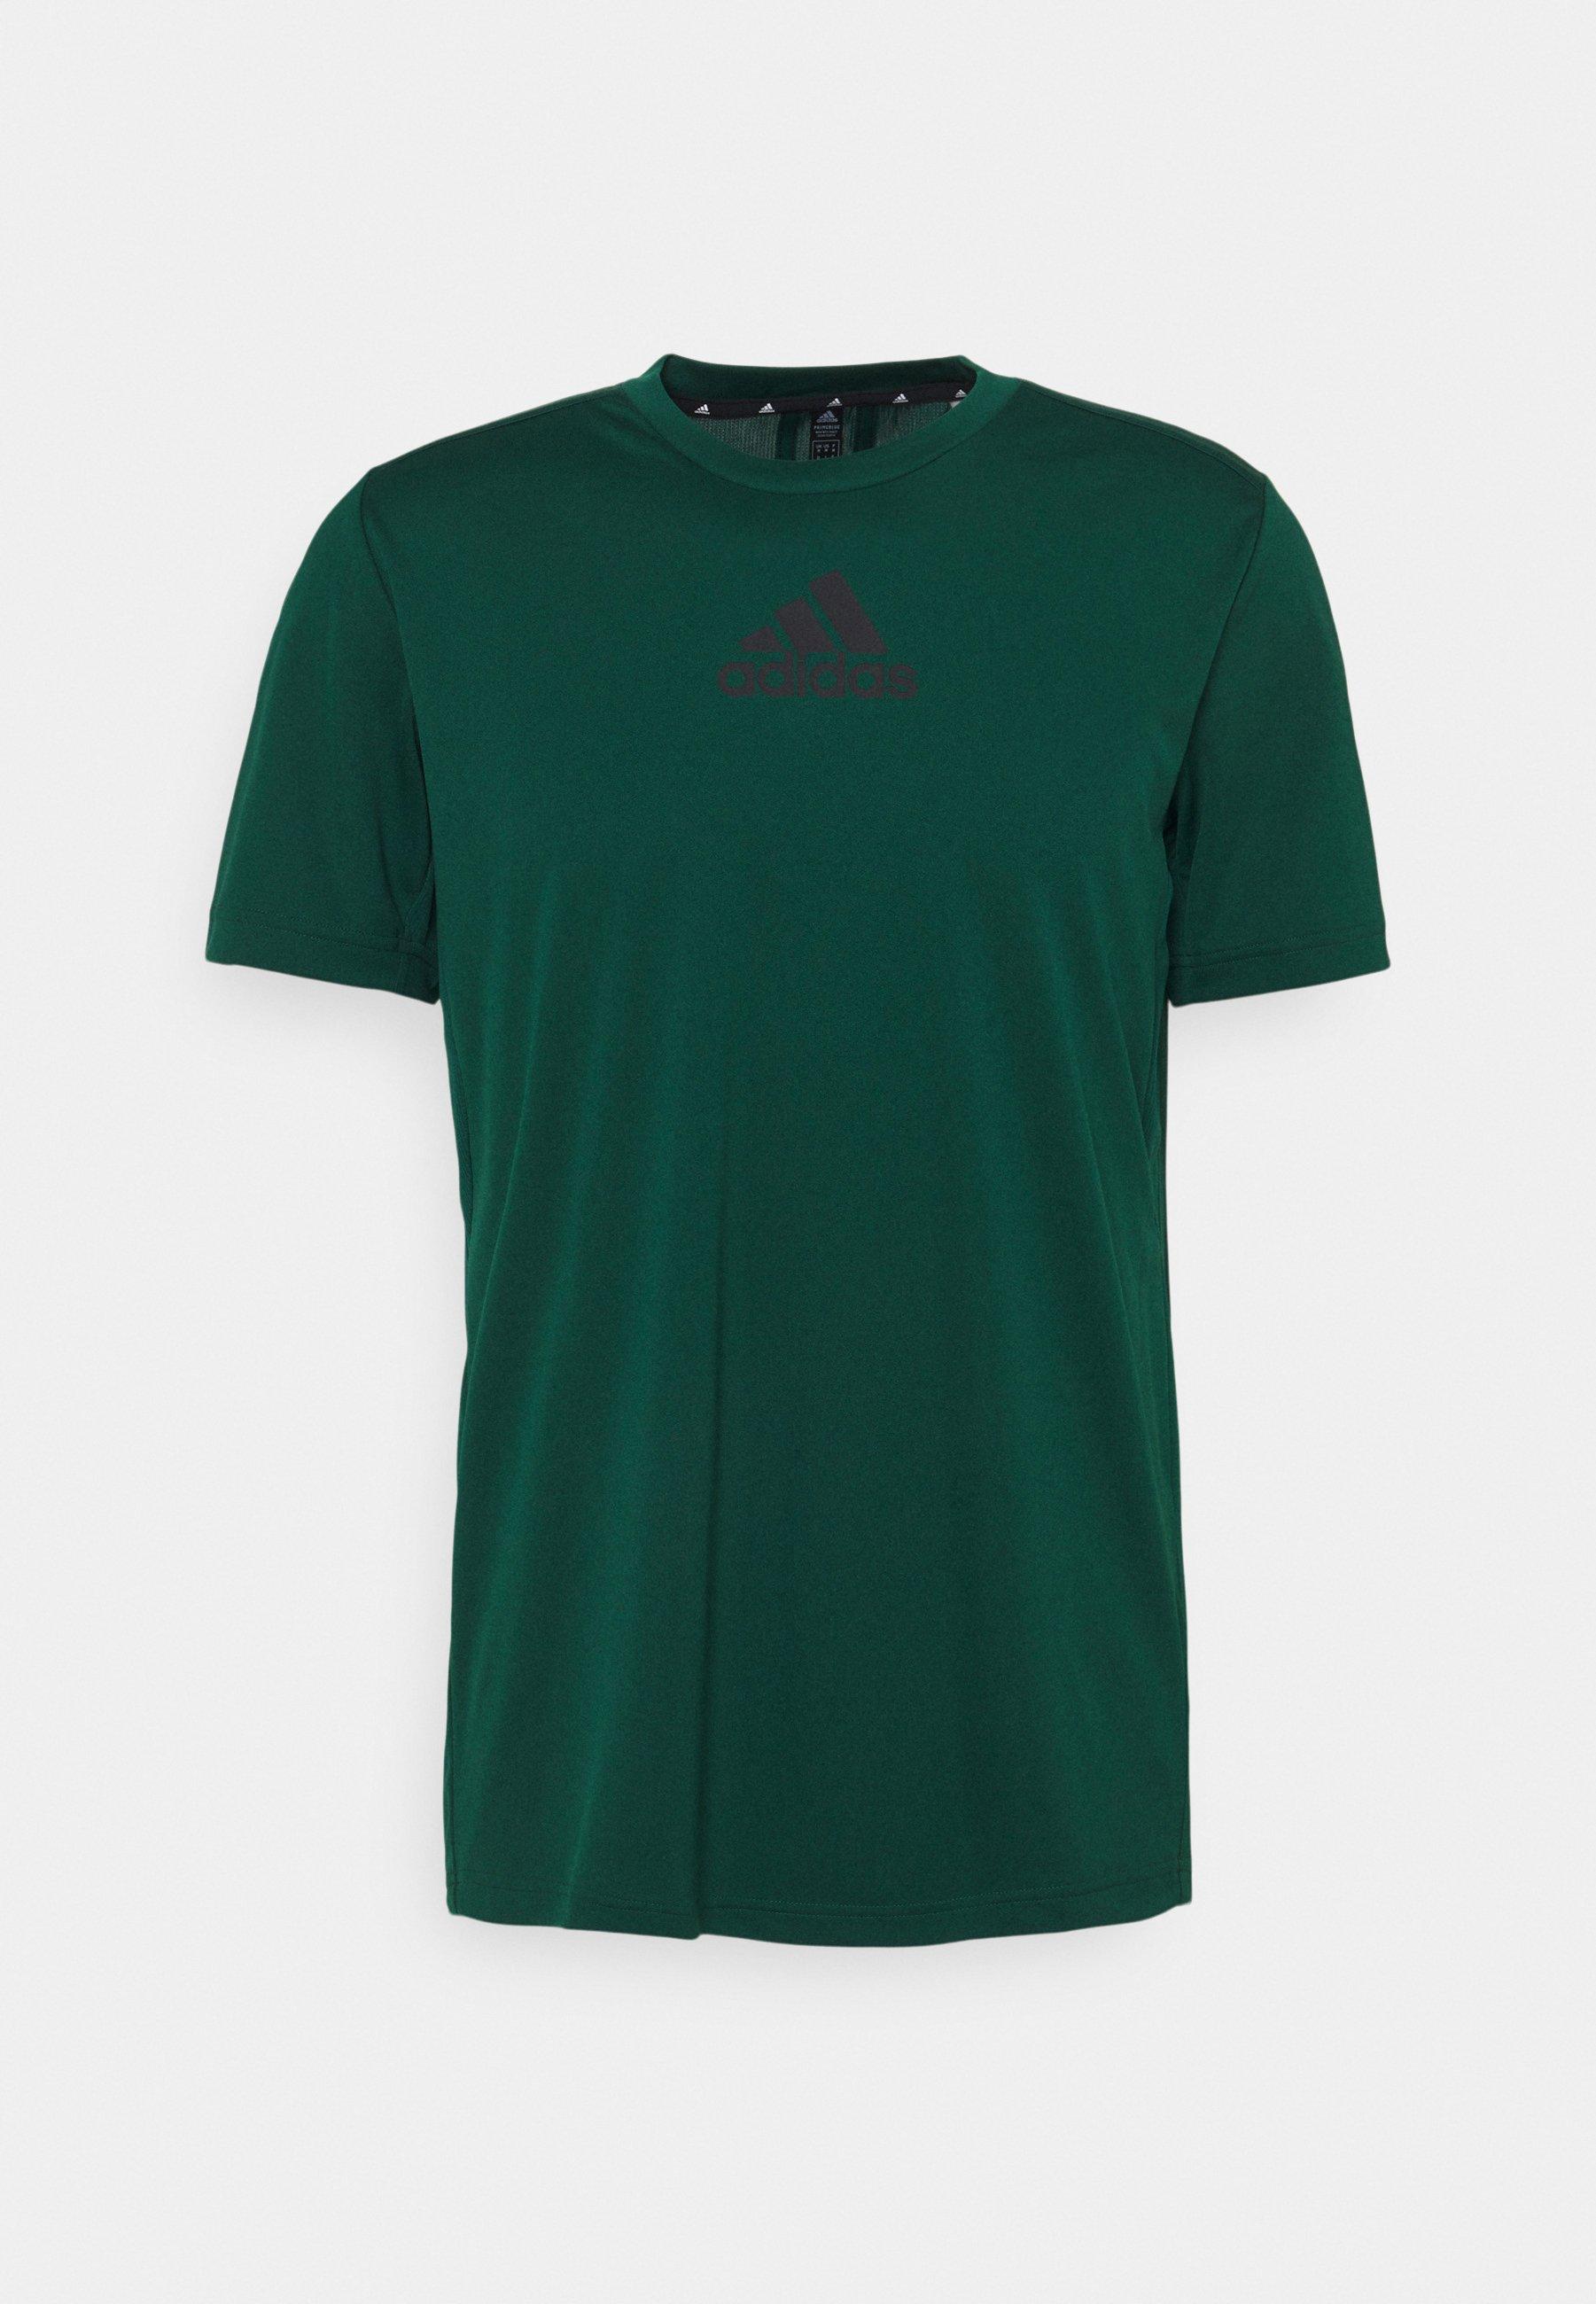 Homme 3 STRIPES BACK DESIGNED 2 MOVE AEROREADY - T-shirt imprimé